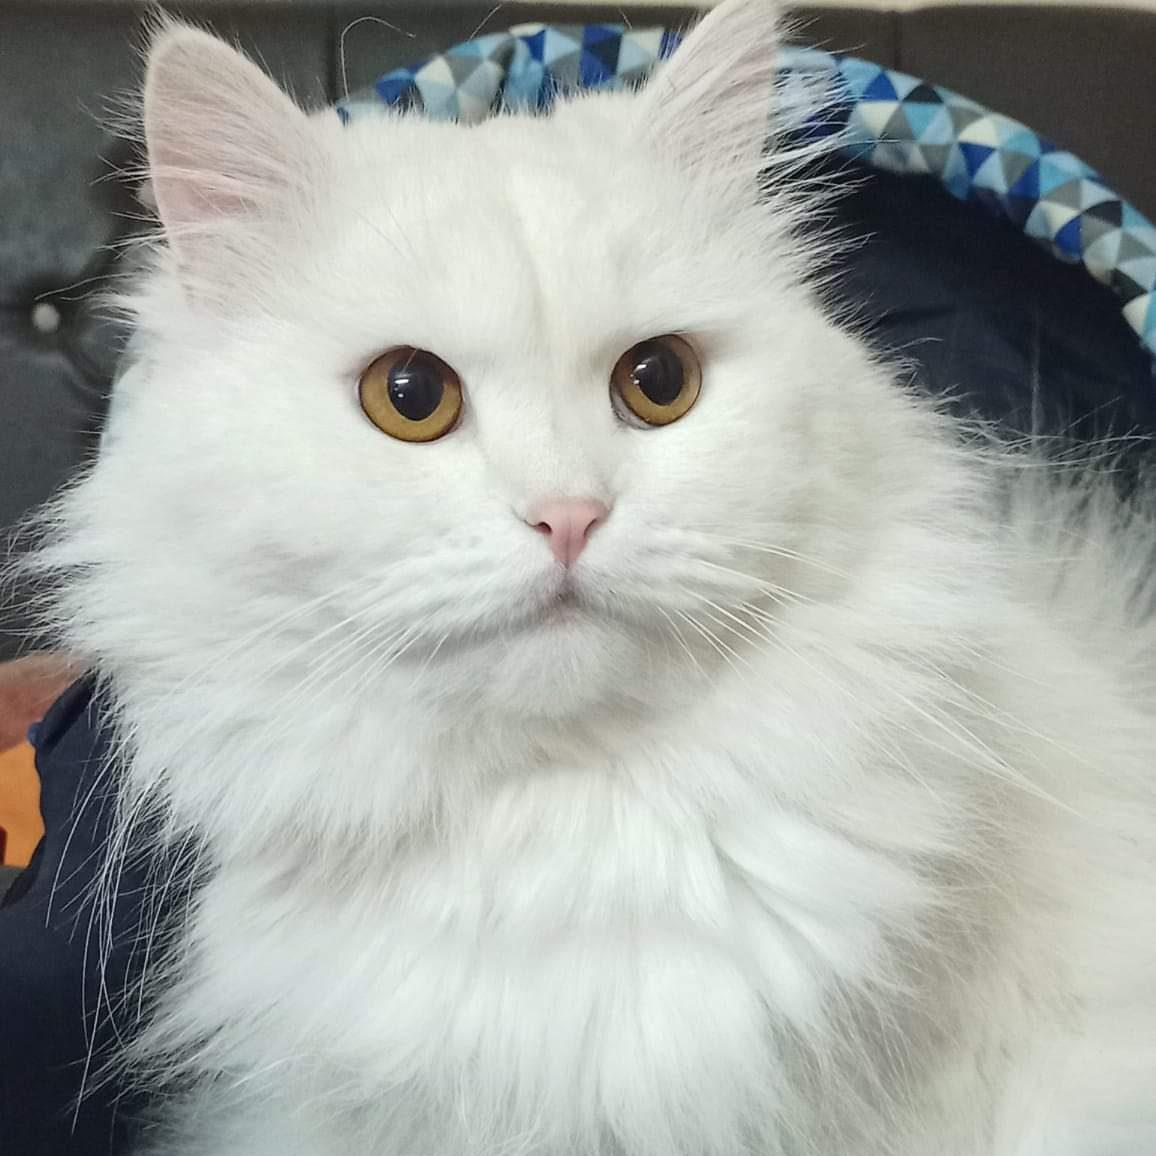 Pandemic Pet Adoption - White Cat